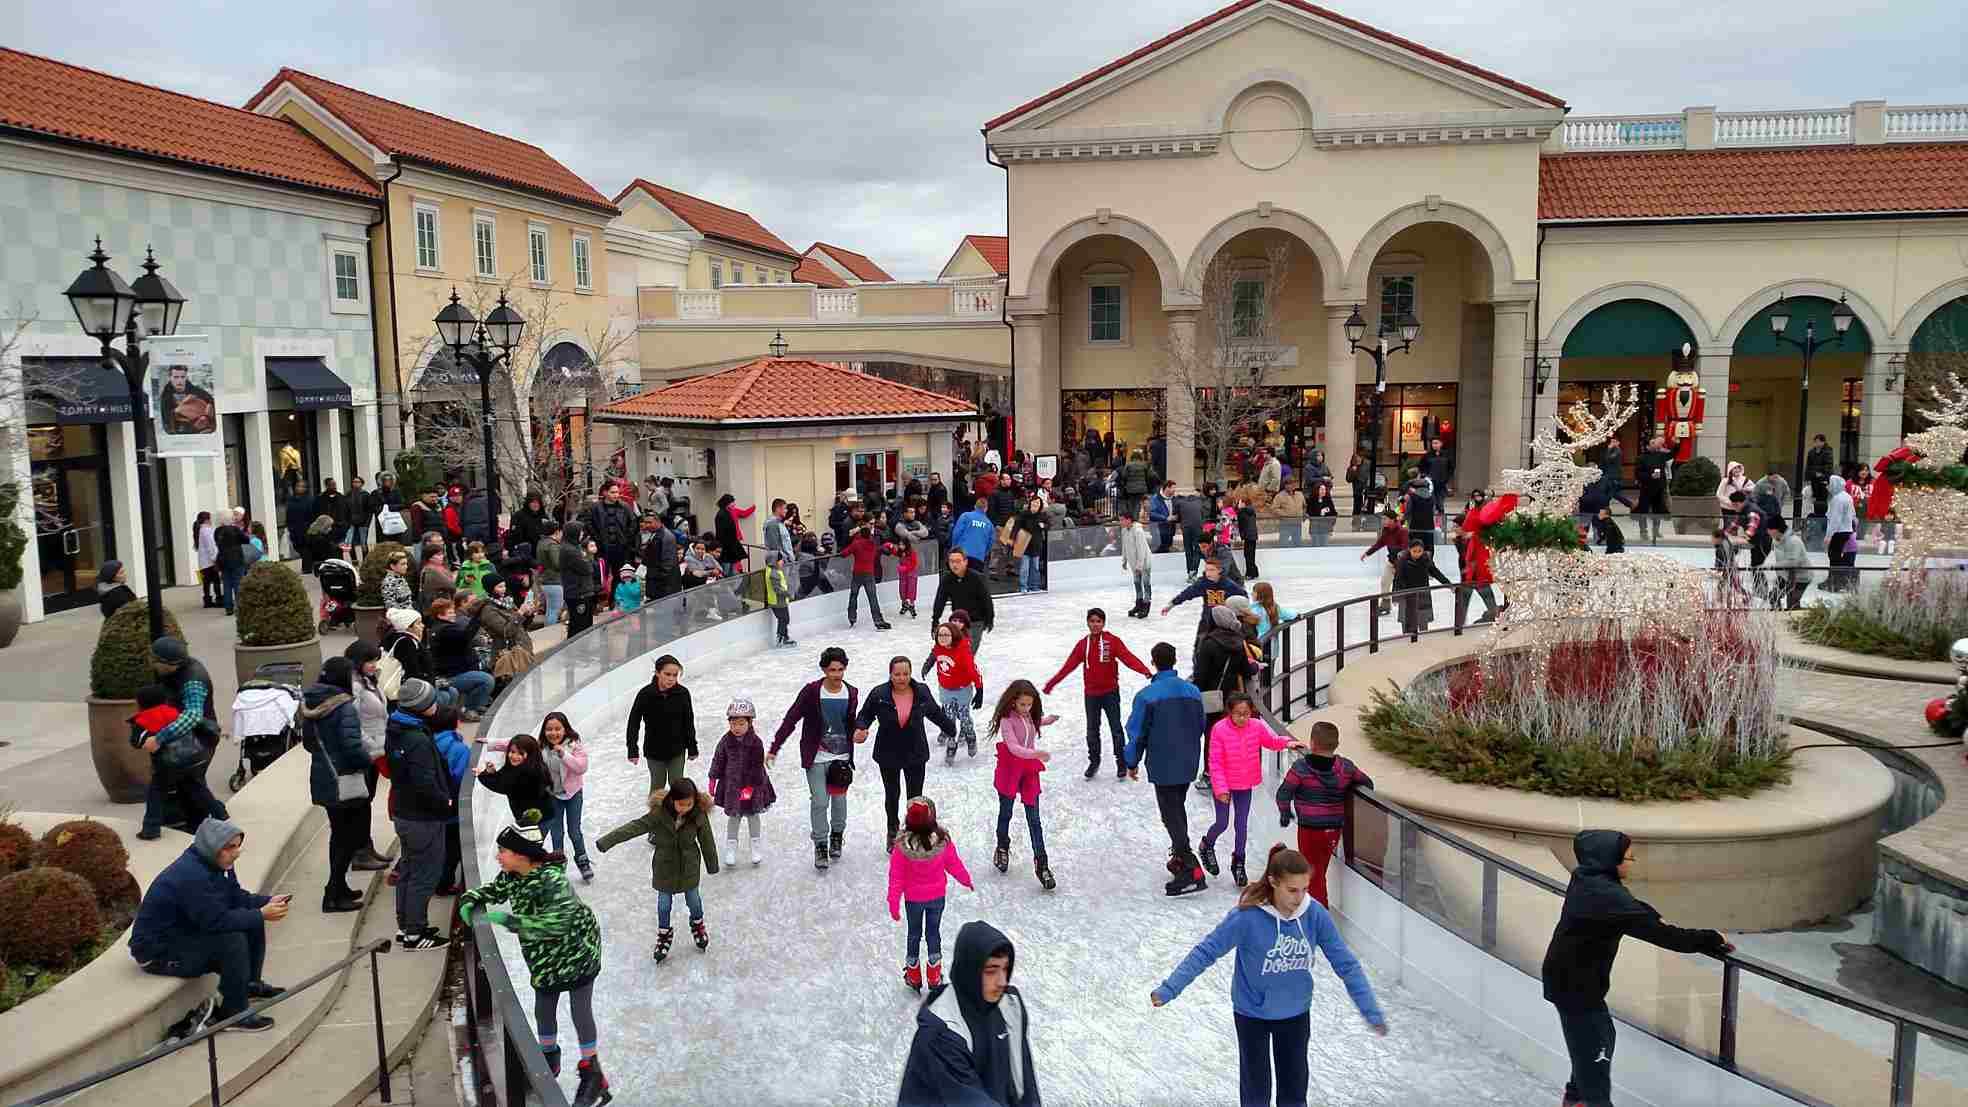 Varias familias y niños patinando alrededor de la pista de hielo Deer Park